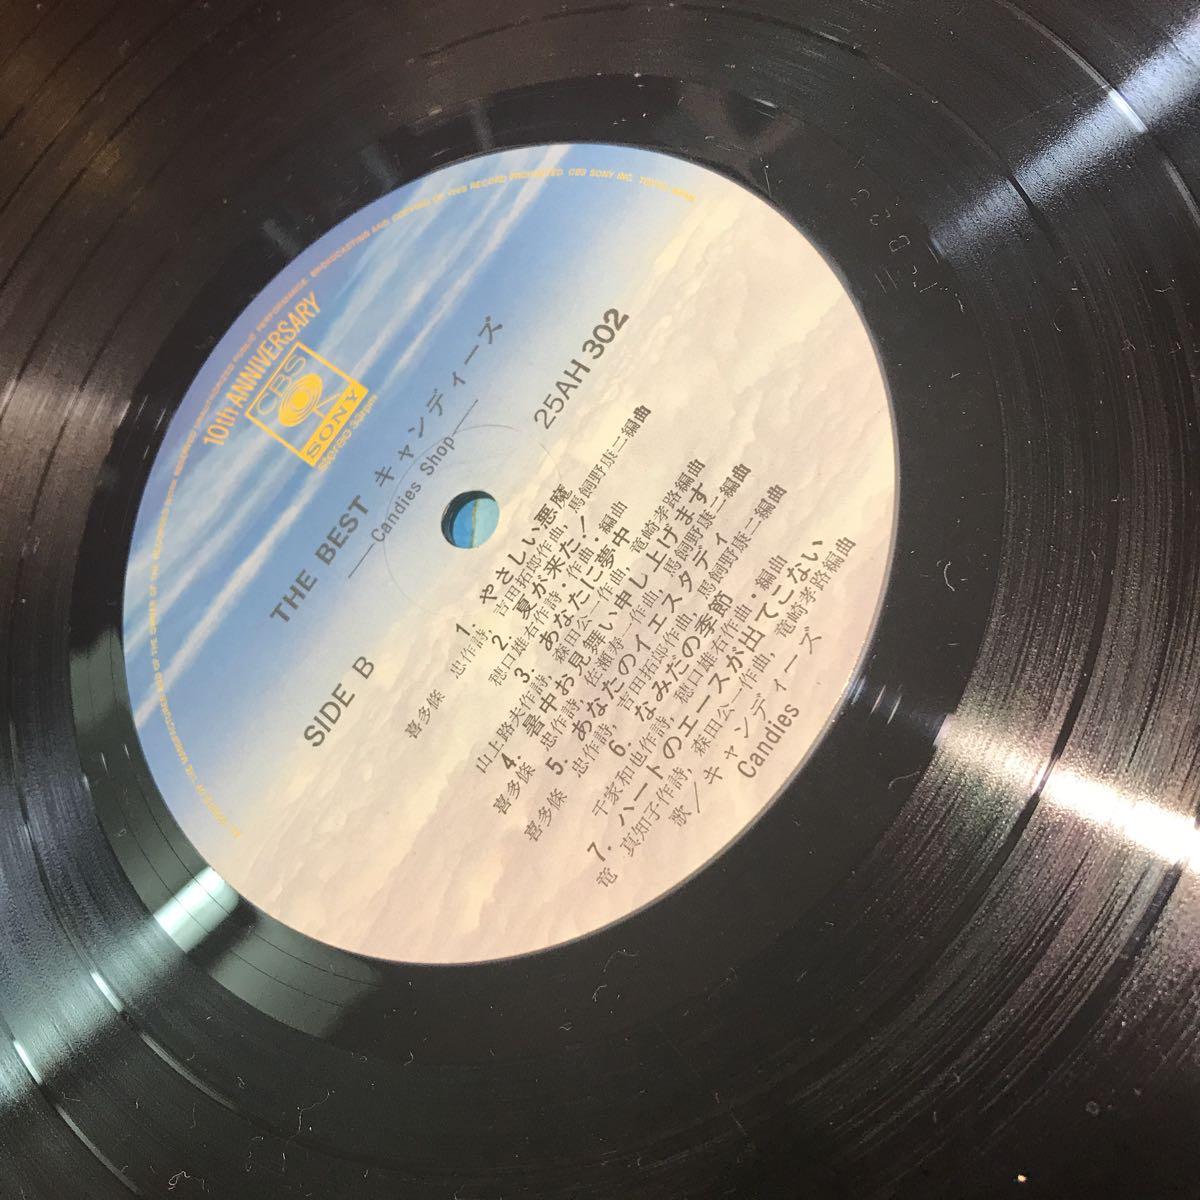 中古品/LP/レコード/キャンディーズ/CANDIES SHOP/25AH302_画像4